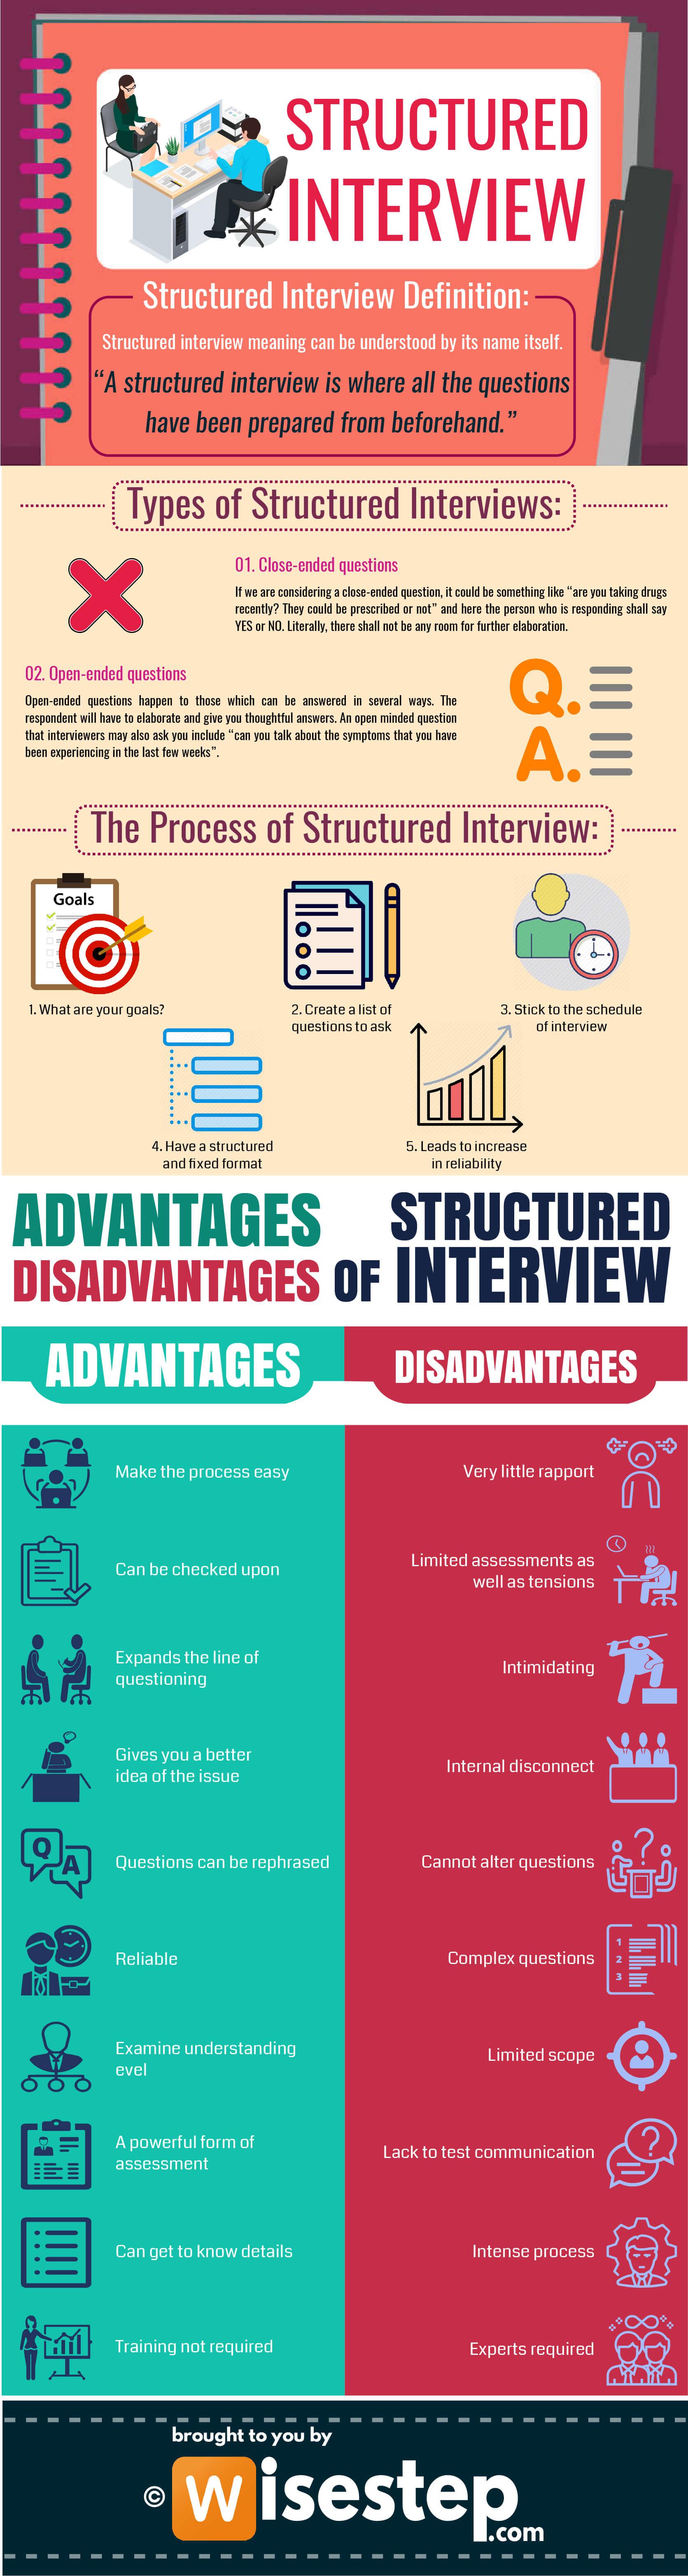 Structured interview